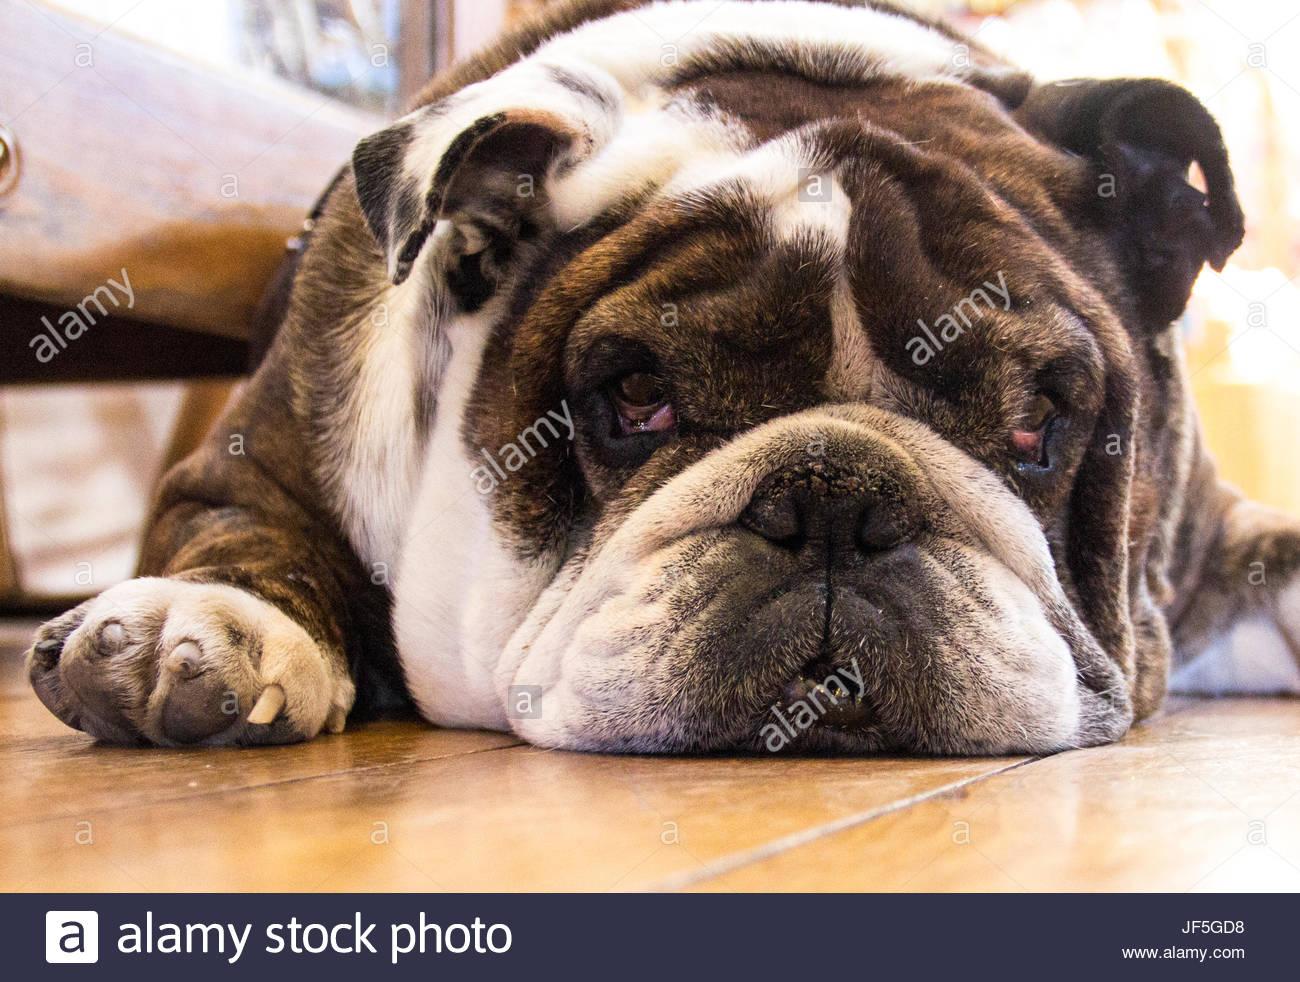 Eine Bulldogge versteckt sein sonnige Gemüt gut. Stockbild